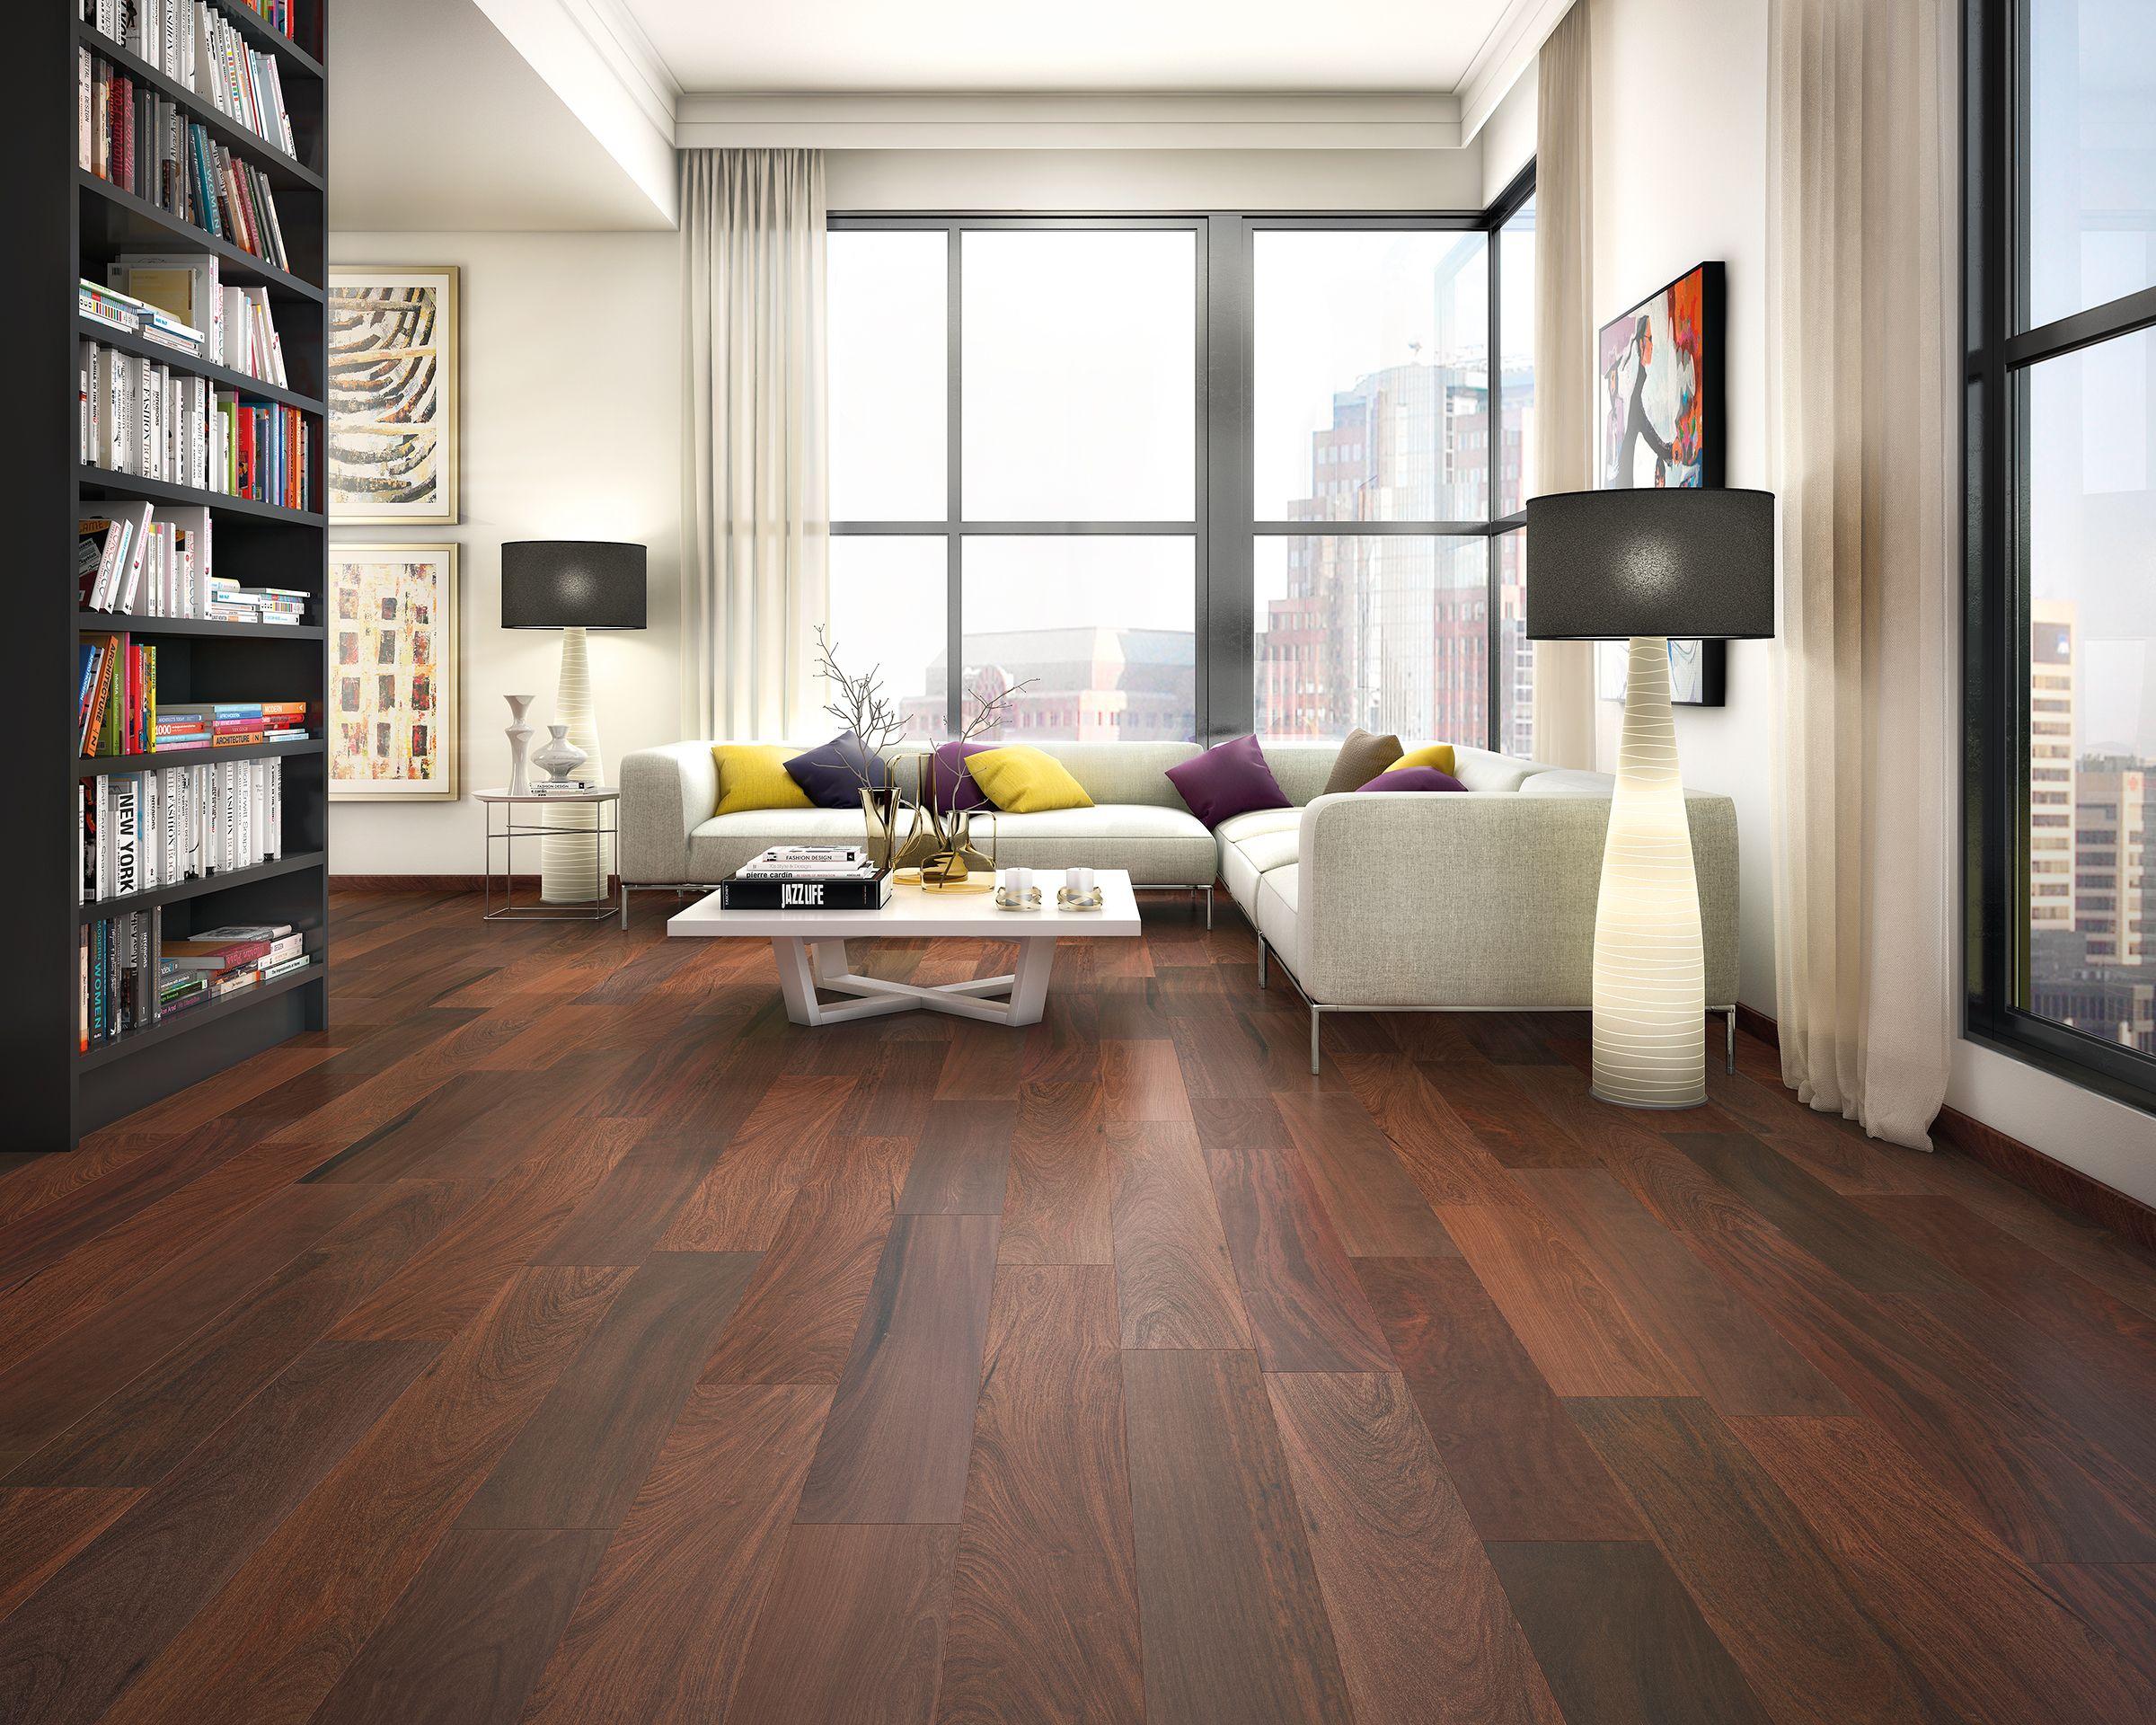 Brazilian Walnut Espresso Engineered Hardwood Floor D